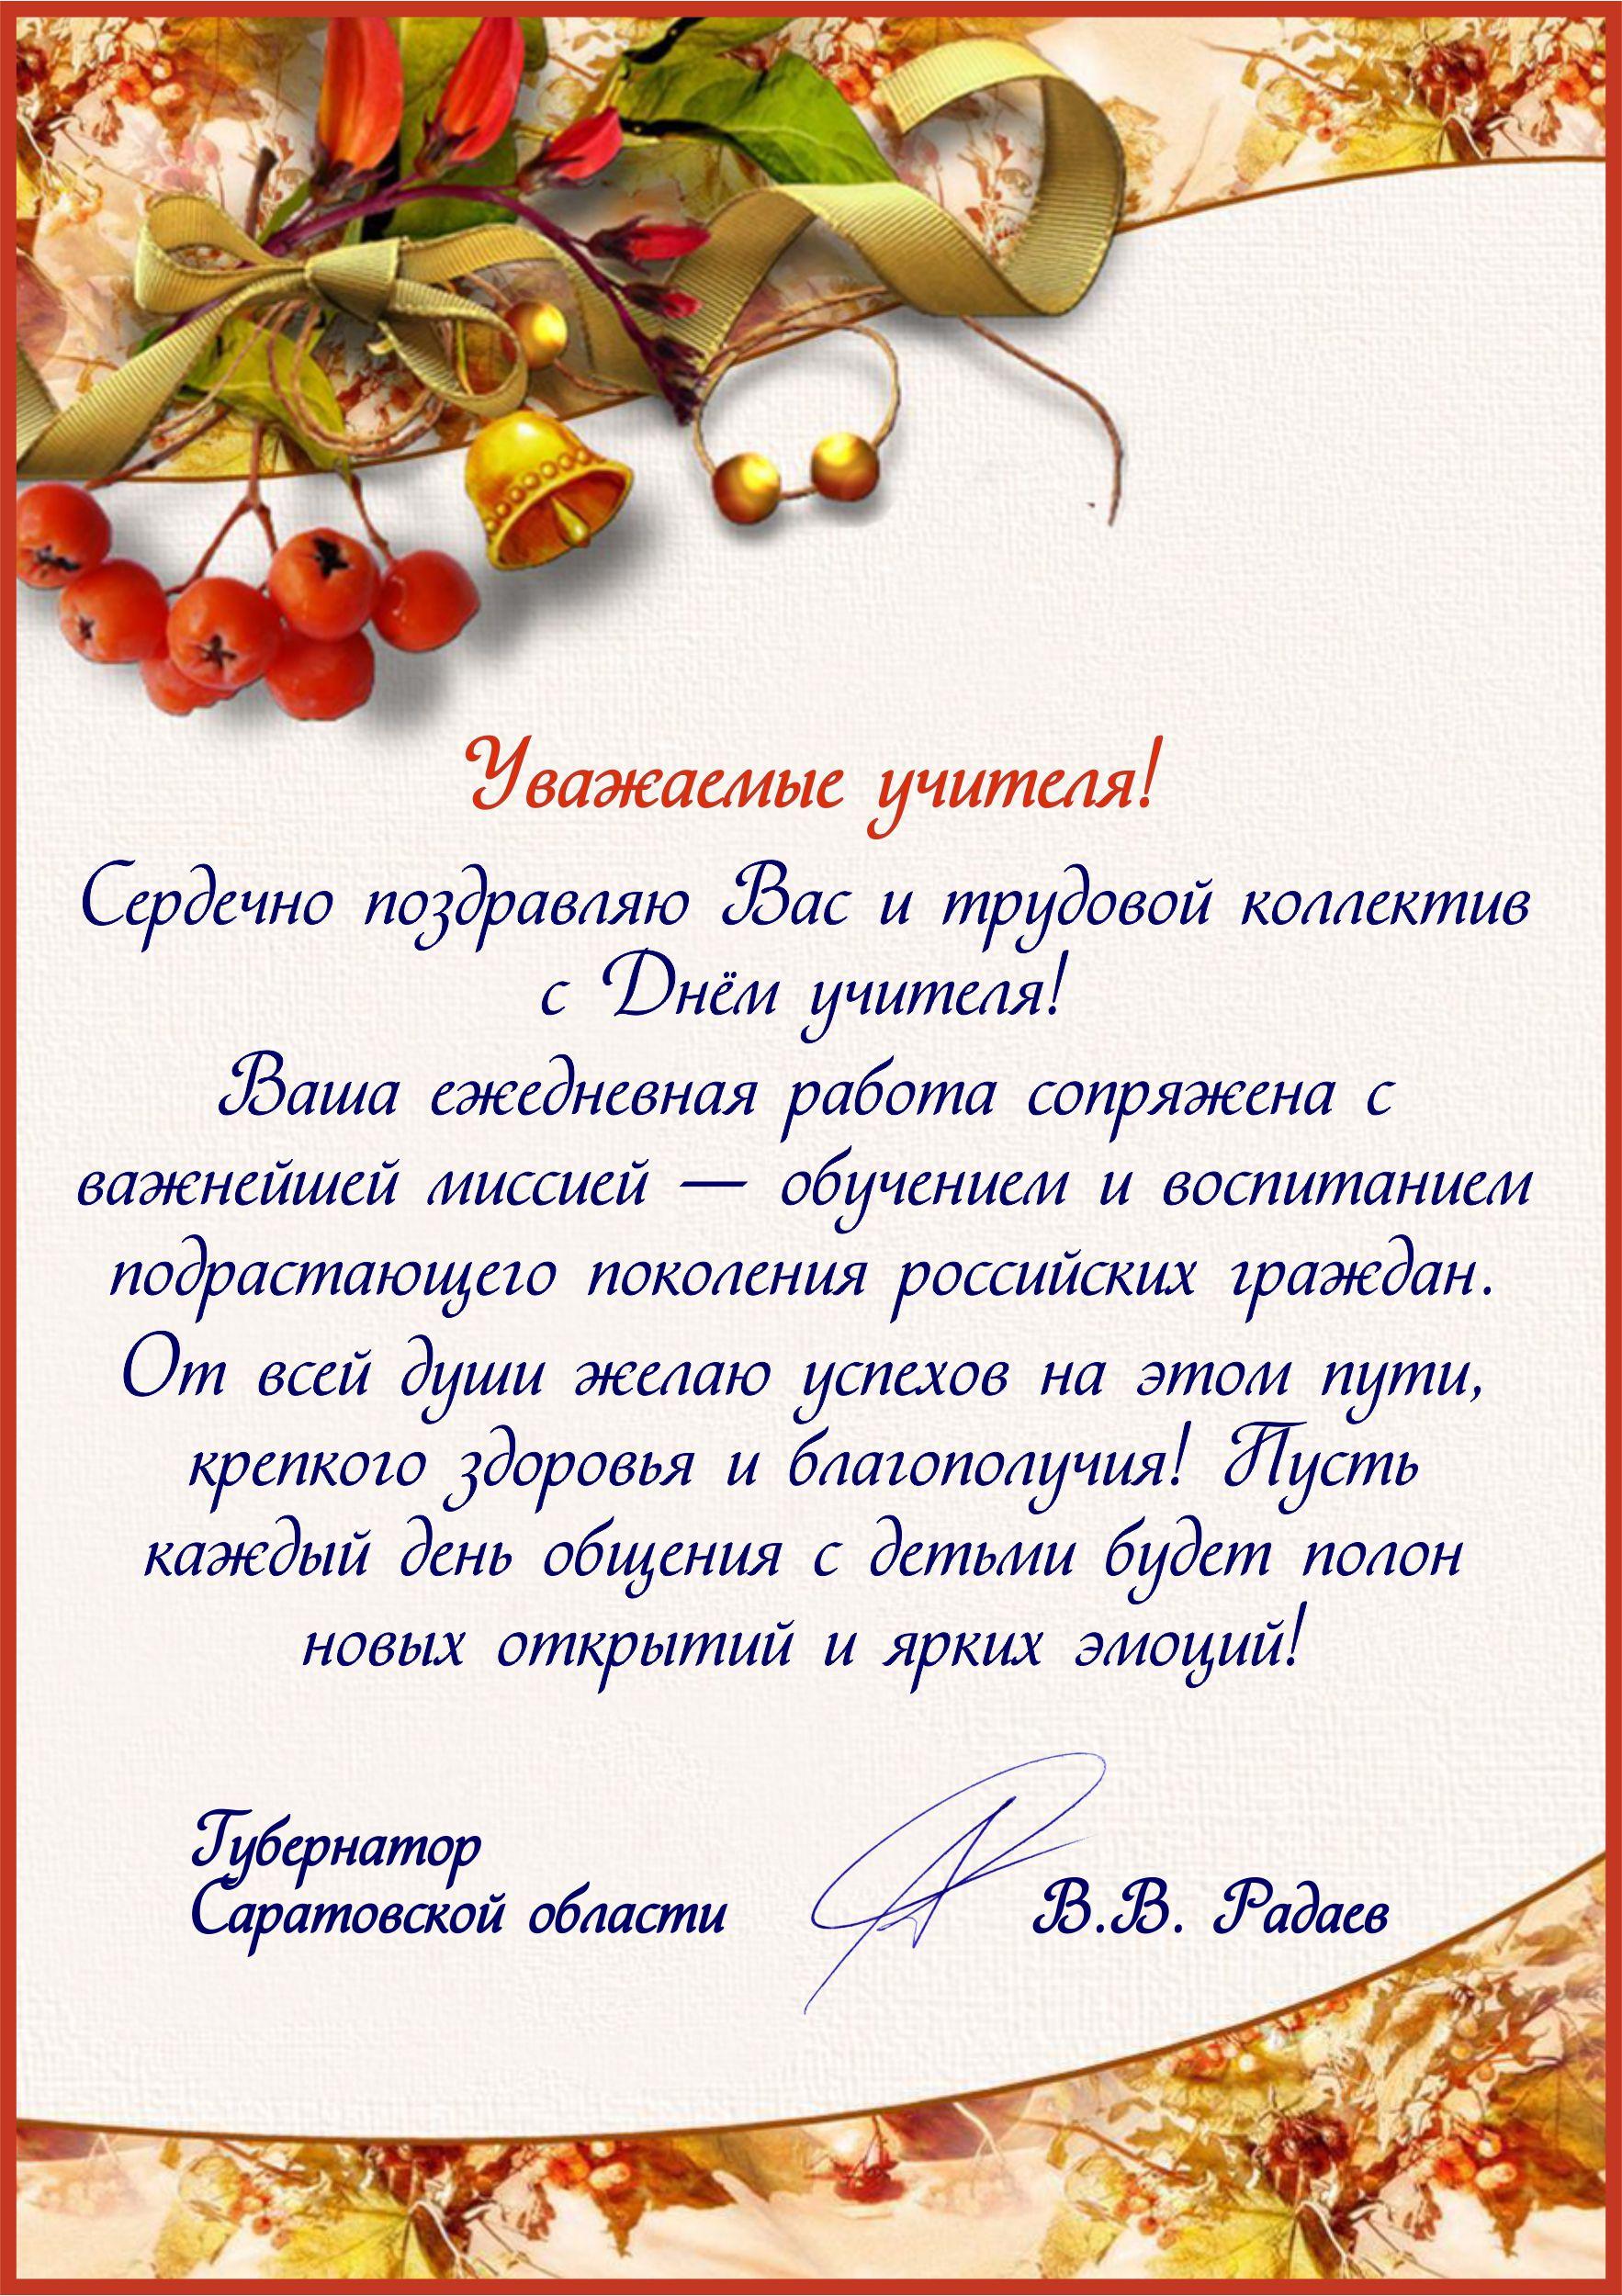 Поздравления для коллектива учителей